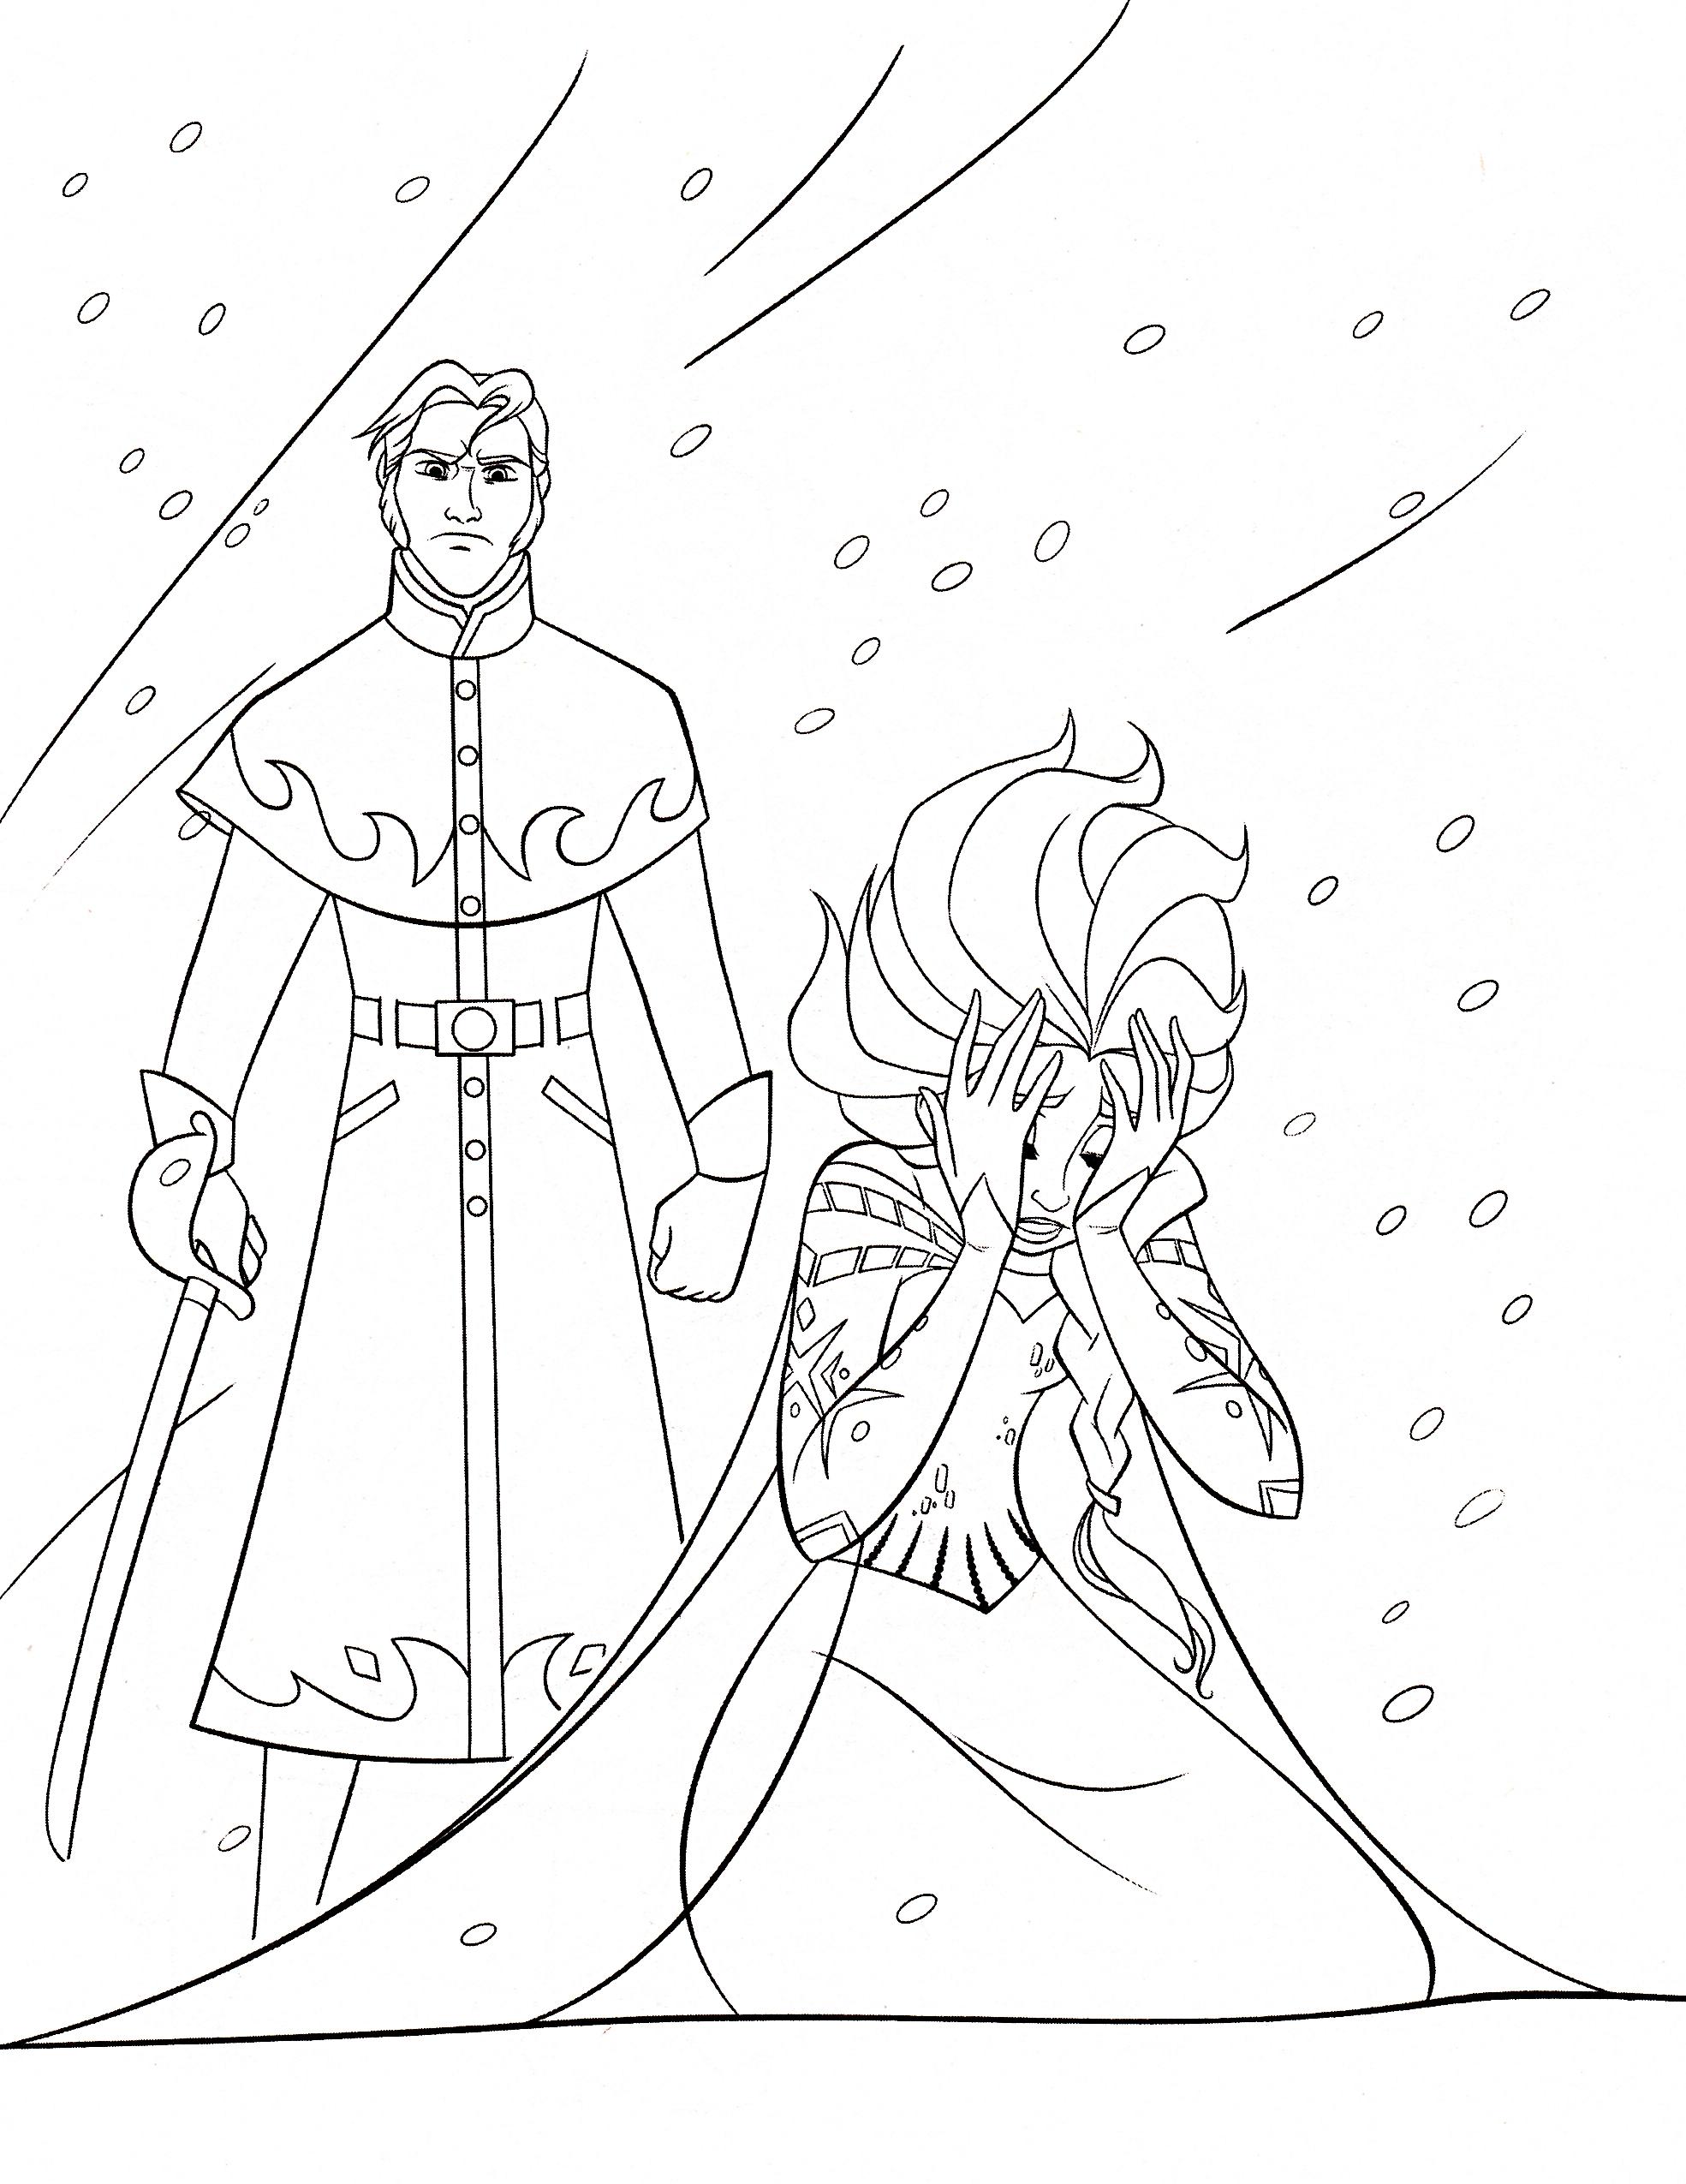 Disney frozen coloring pages hans - Disney Frozen Coloring Pages Hans 6